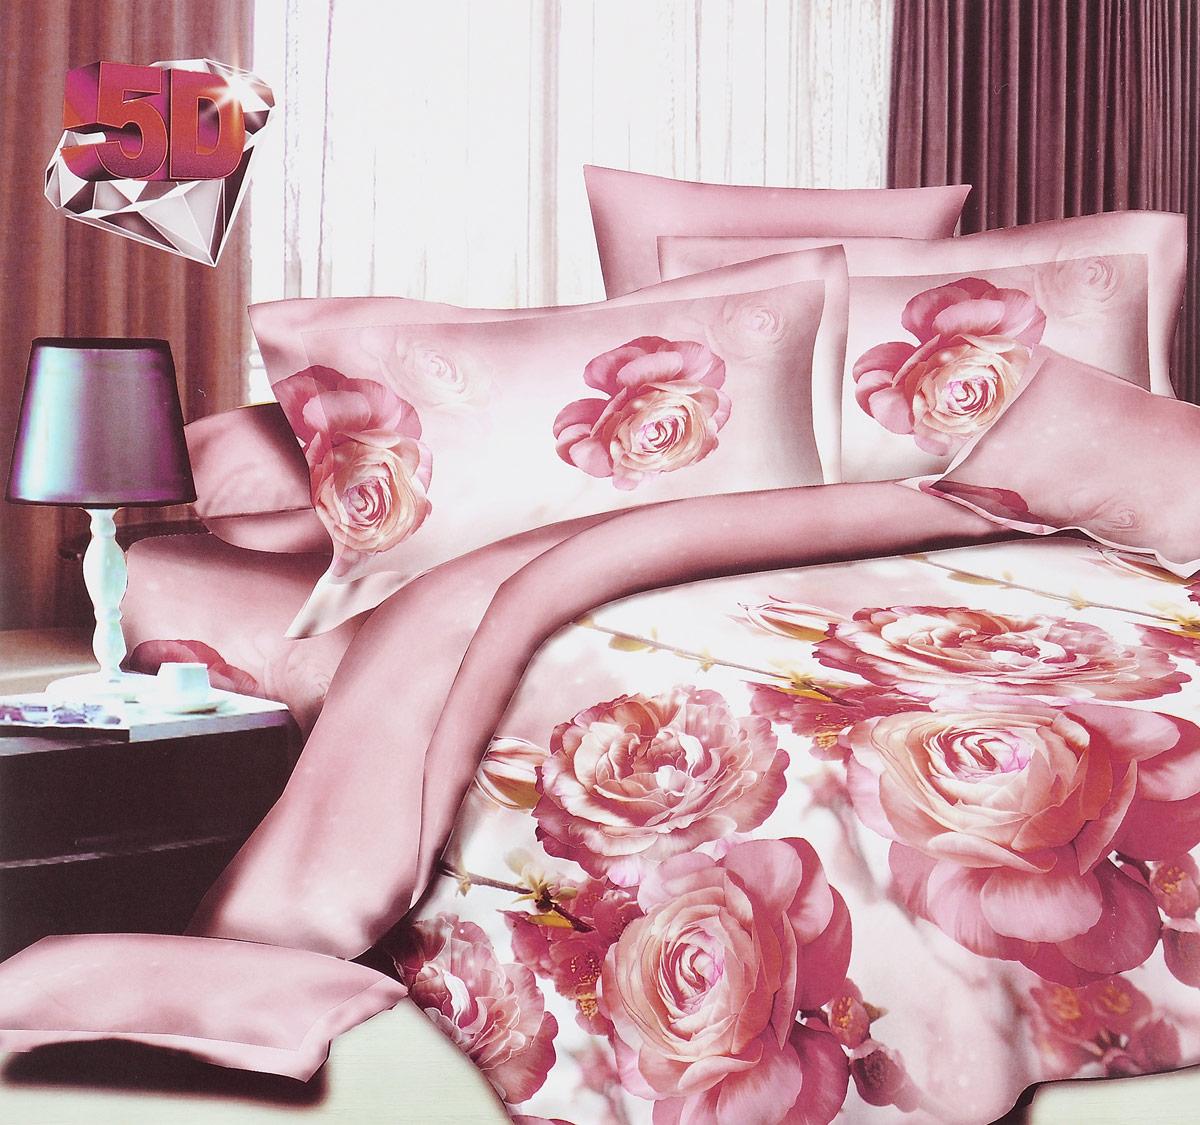 Комплект белья ЭГО Южная Роза, 2-спальный, наволочки 70x70S03301004Комплект белья ЭГО Южная Роза выполнен из полисатина (50% хлопка, 50% полиэстера). Комплект состоит из пододеяльника, простыни и двух наволочек. Постельное белье имеет изысканный внешний вид и яркую цветовую гамму. Гладкая структура делает ткань приятной на ощупь, мягкой и нежной, при этом она прочная и хорошо сохраняет форму. Ткань легко гладится, не линяет и не садится. Приобретая комплект постельного белья ЭГО Южная Роза, вы можете быть уверенны в том, что покупка доставит вам и вашим близким удовольствие и подарит максимальный комфорт.